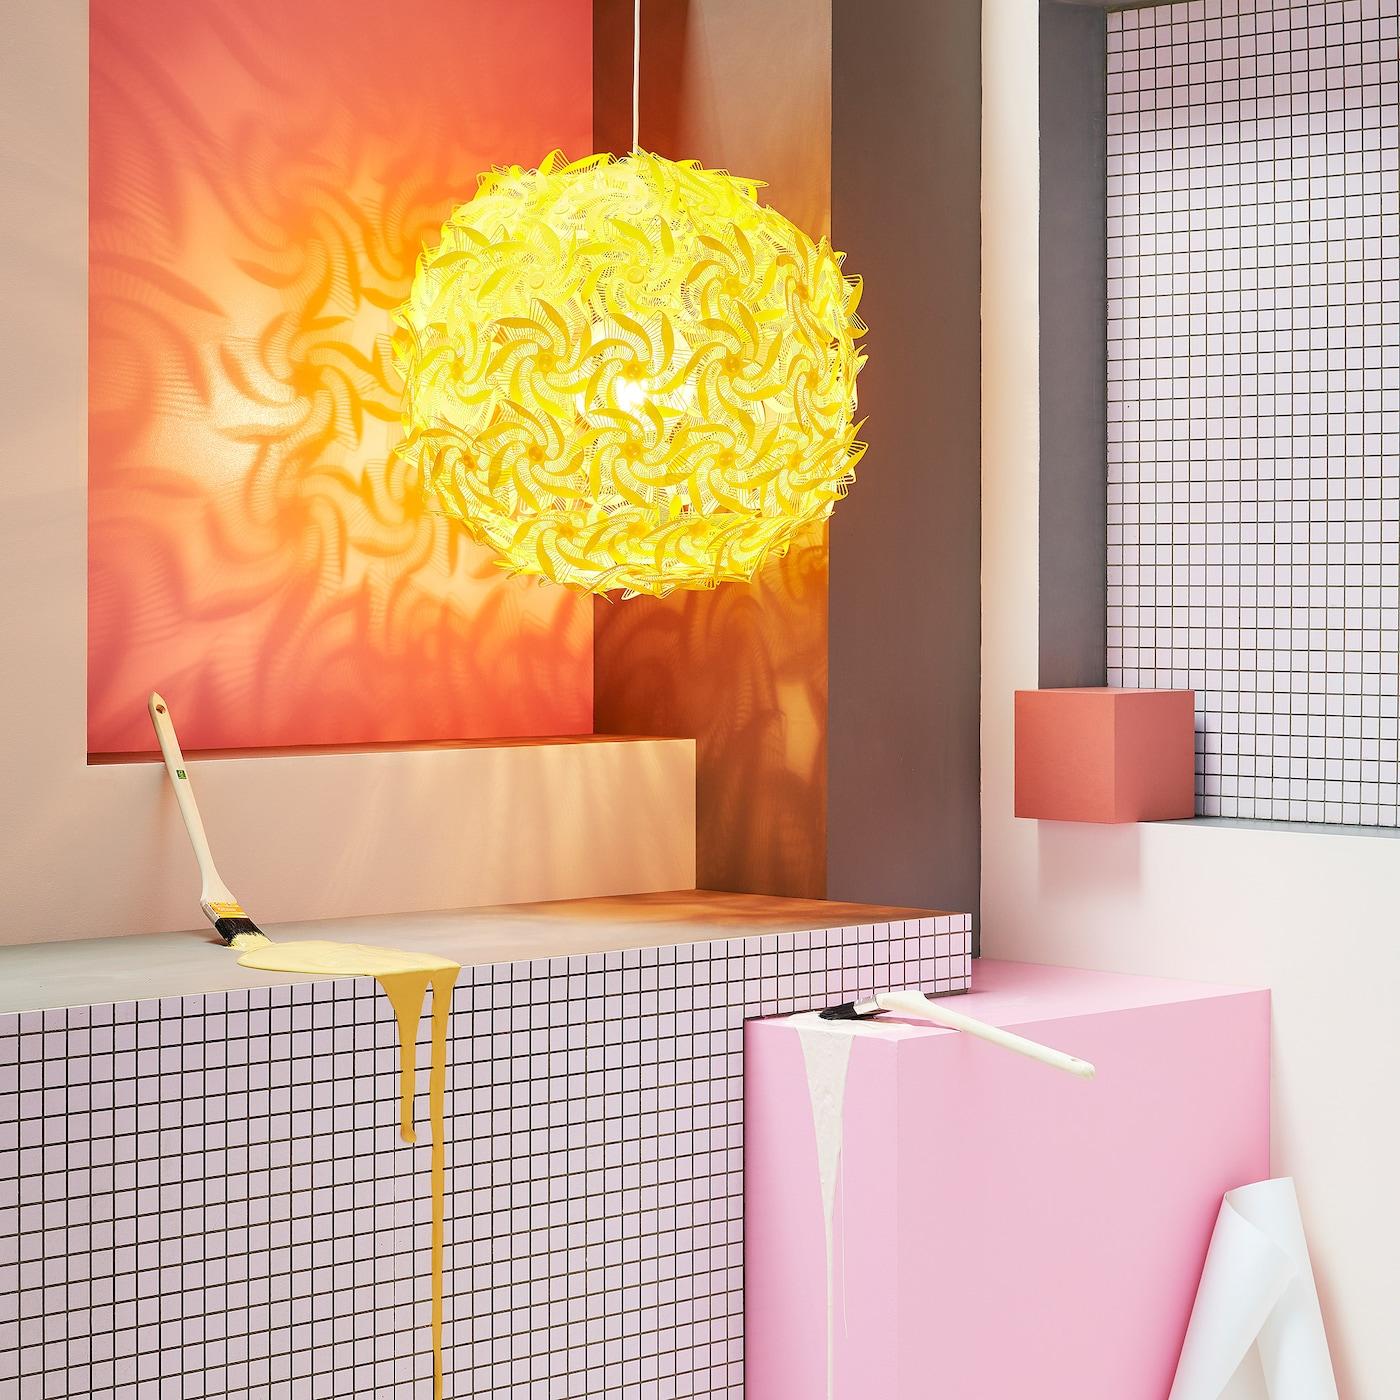 Ein Raum mit einer verspielten, gelben Hängeleuchte, karierten Wänden, Pinseln & Farbklecksen.